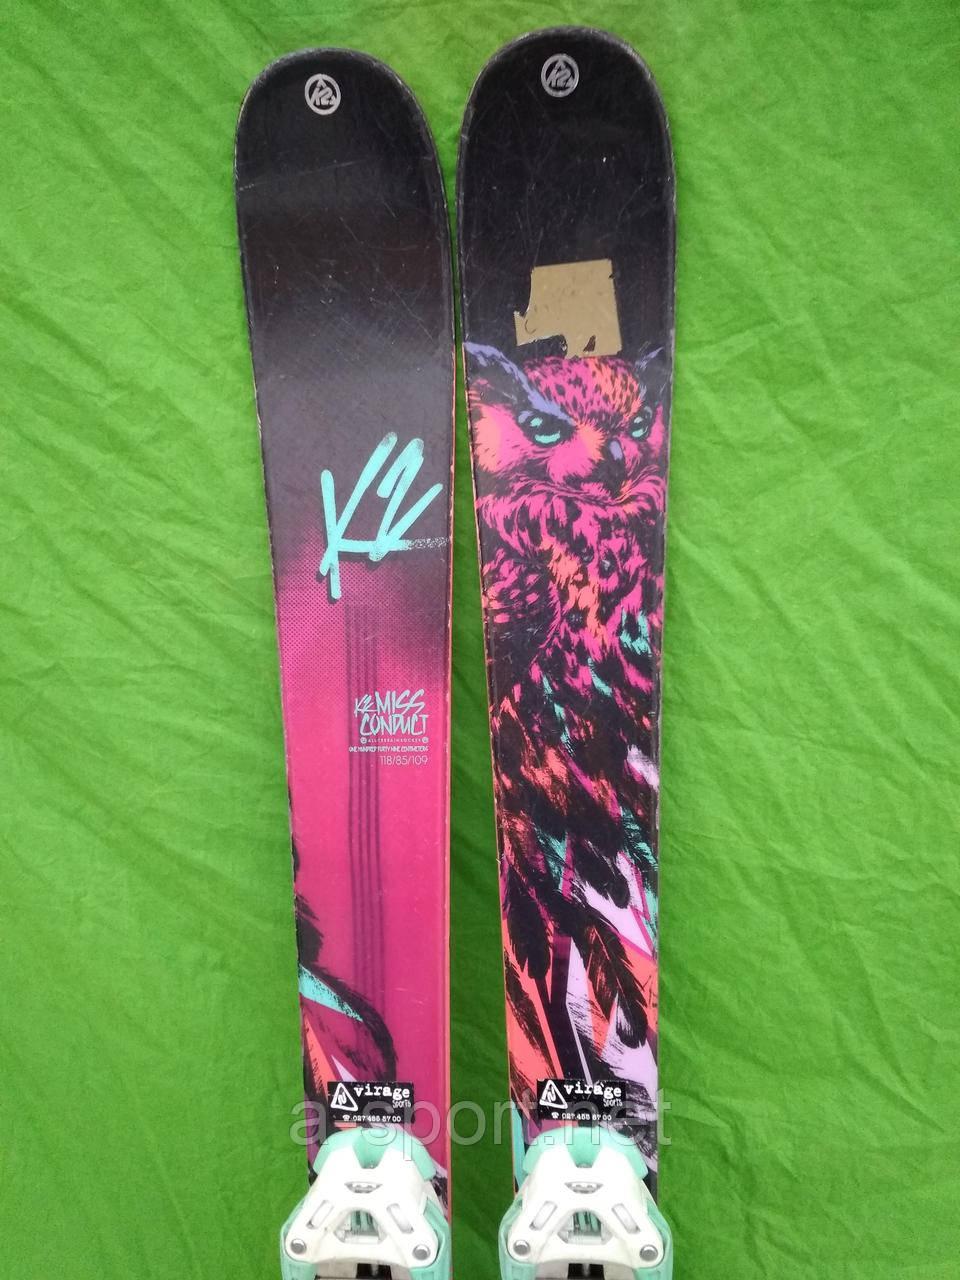 K2 Missconduct 149 см гірські лижі, фрістайл, твін-тіп, 2015p